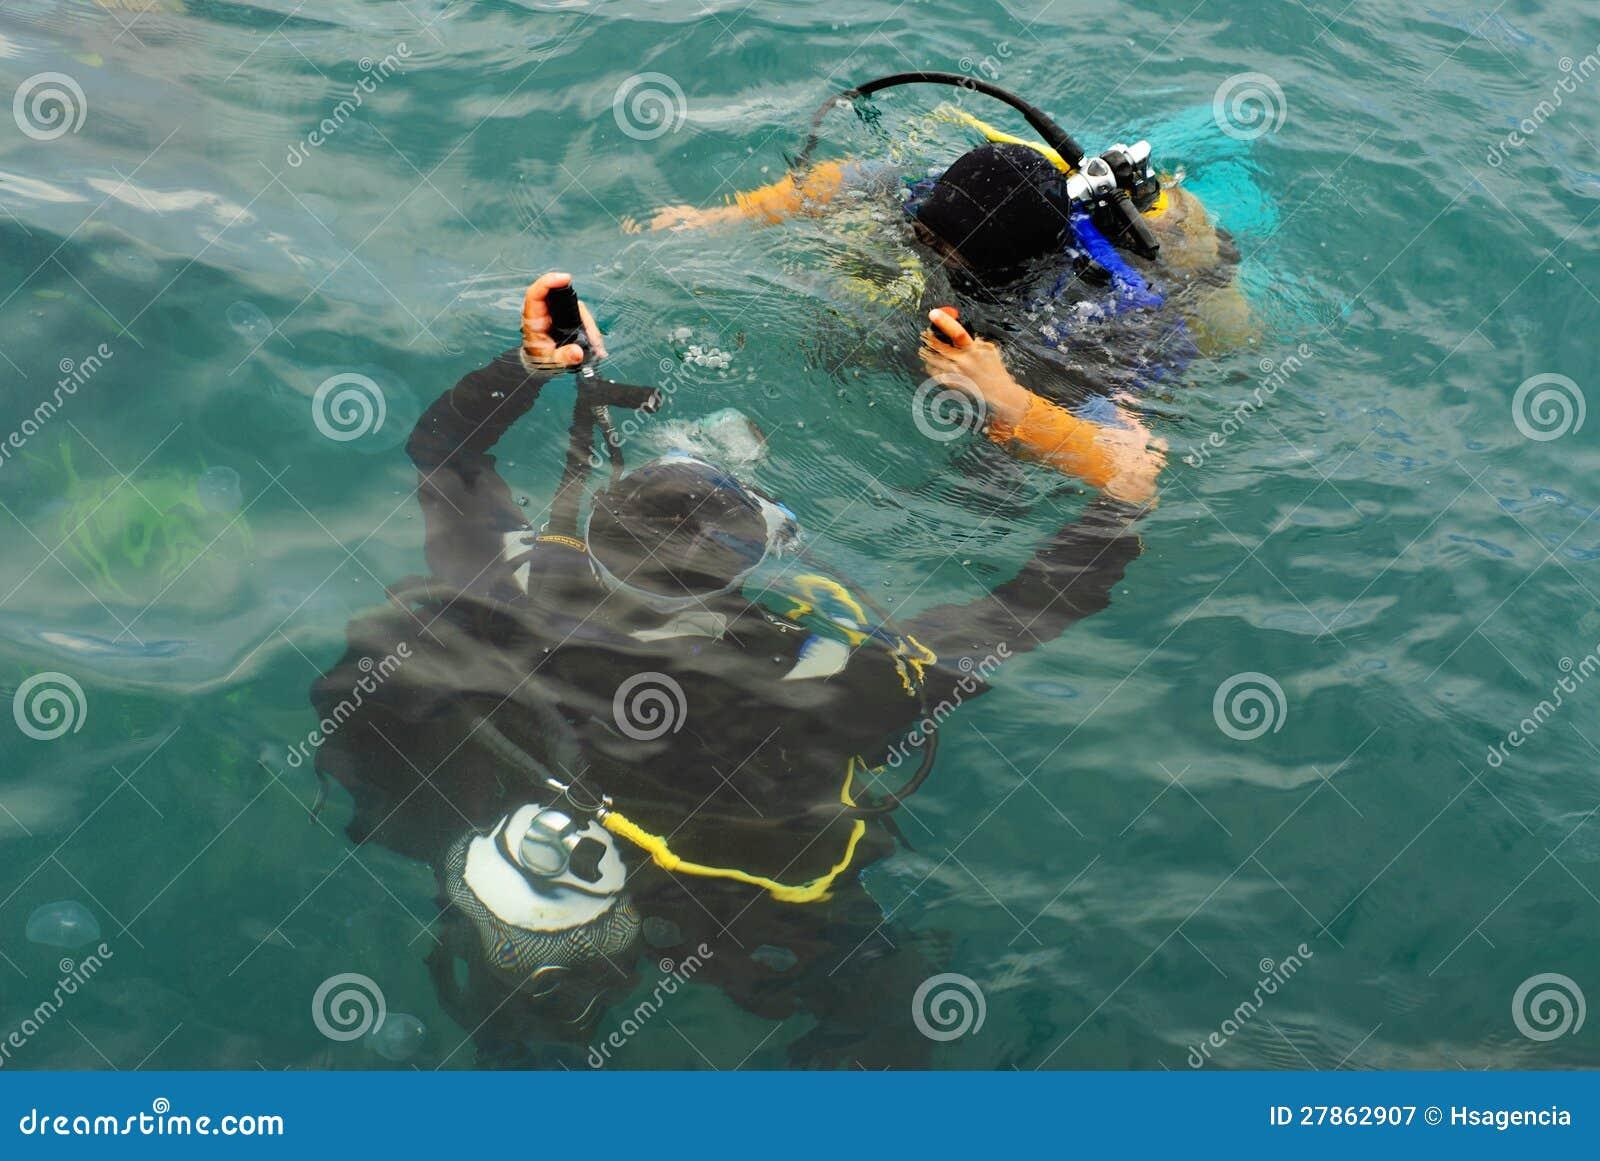 Dyk för Scubadykarescuba i havet